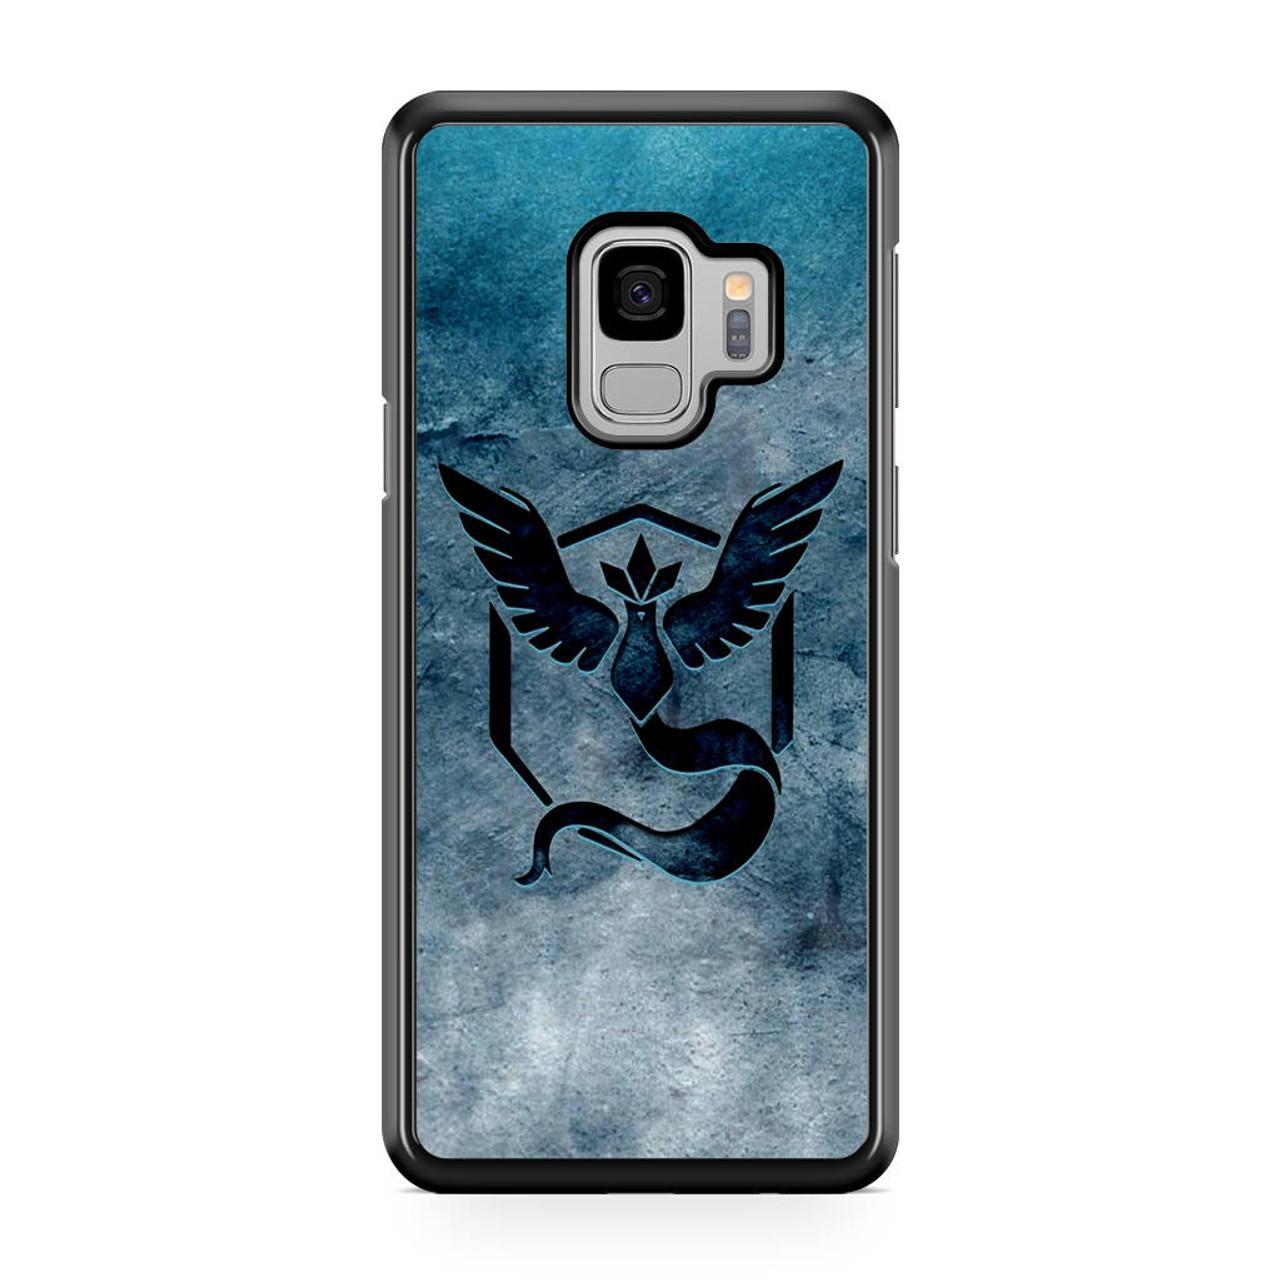 detailing 275b9 0a100 Pokemon Go Mystic Team Logo Samsung Galaxy S9 Case